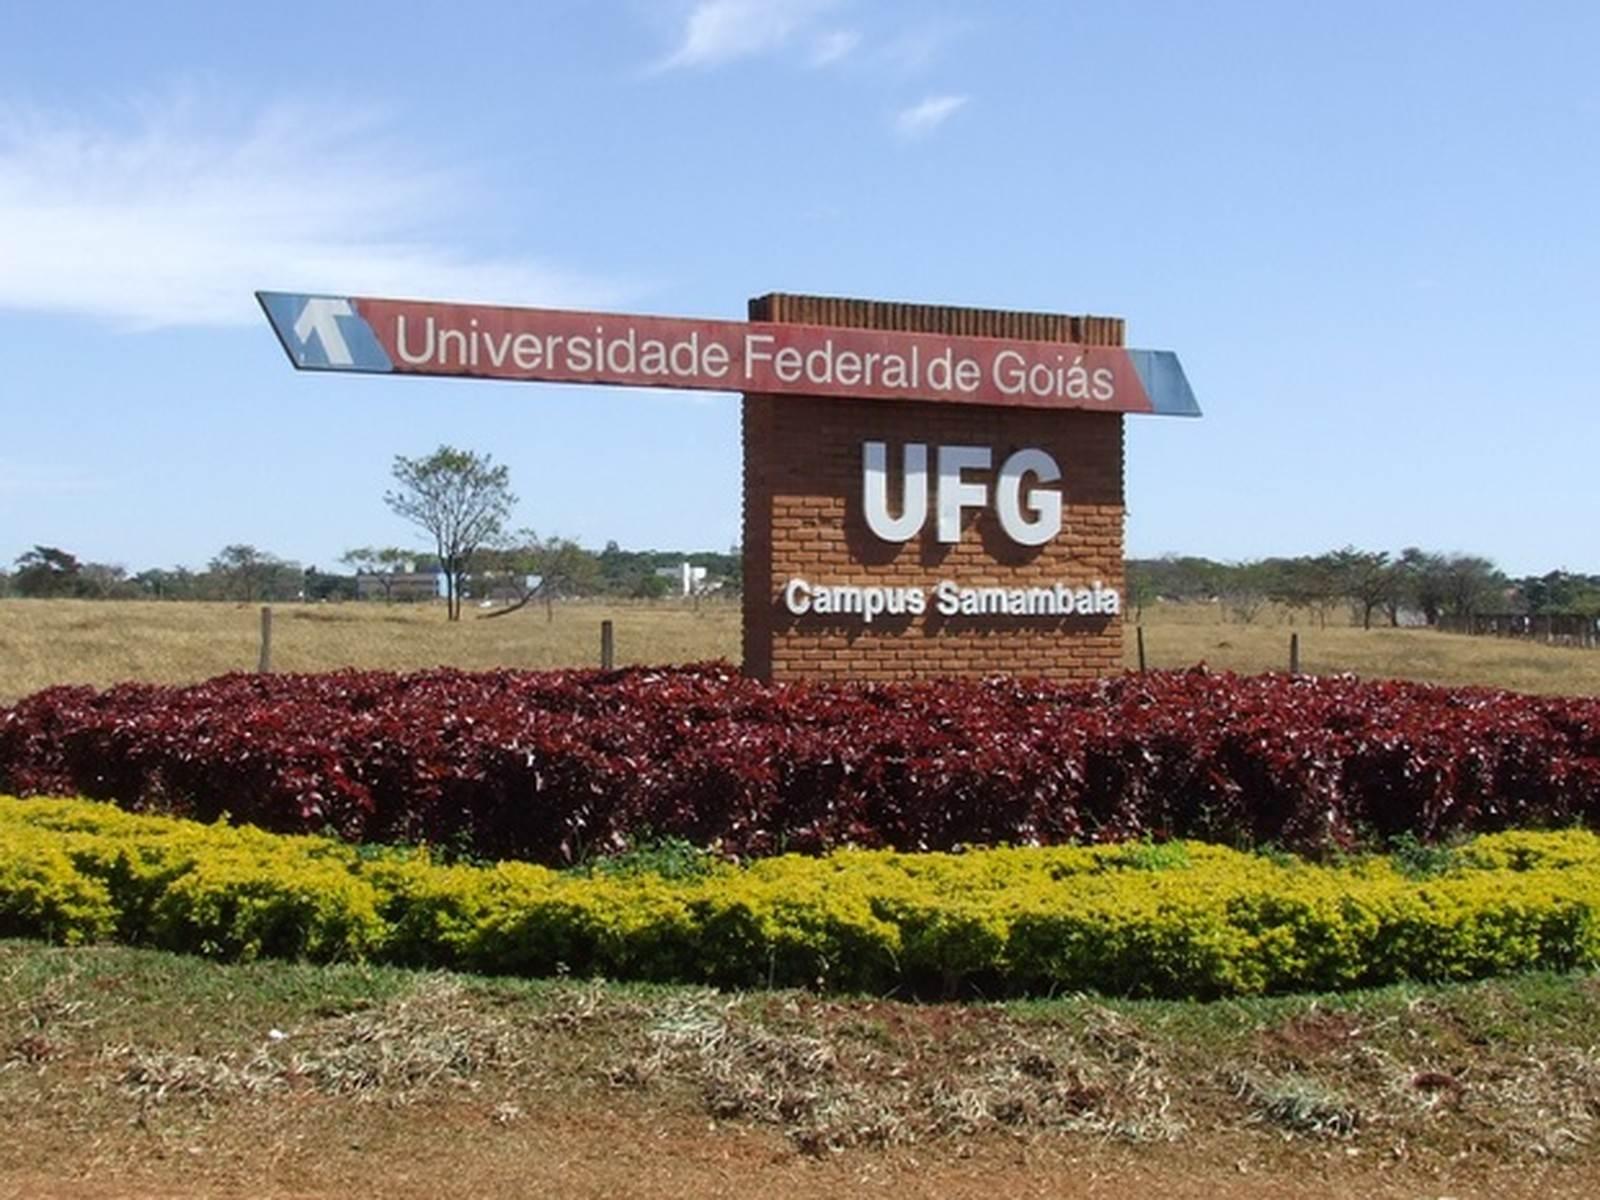 Campus Samambaia, da UFG. Festa terminou de forma trágica | Foto: divulgação